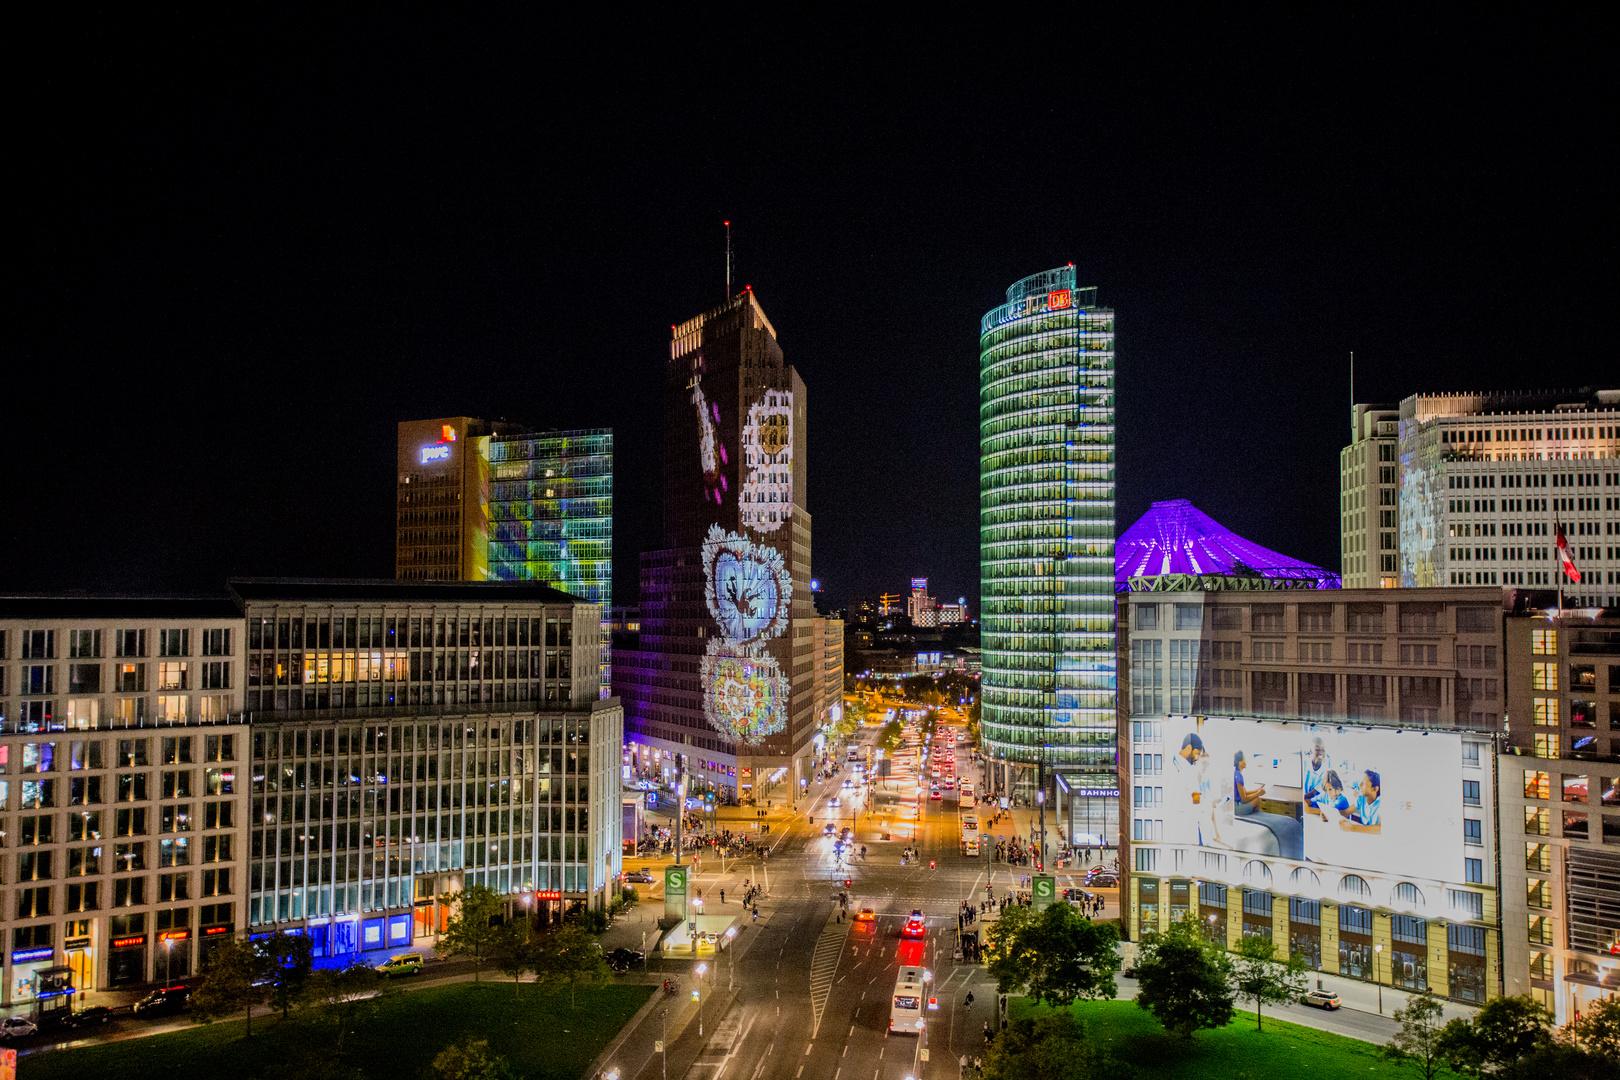 Potsdammer Platz / Berlin